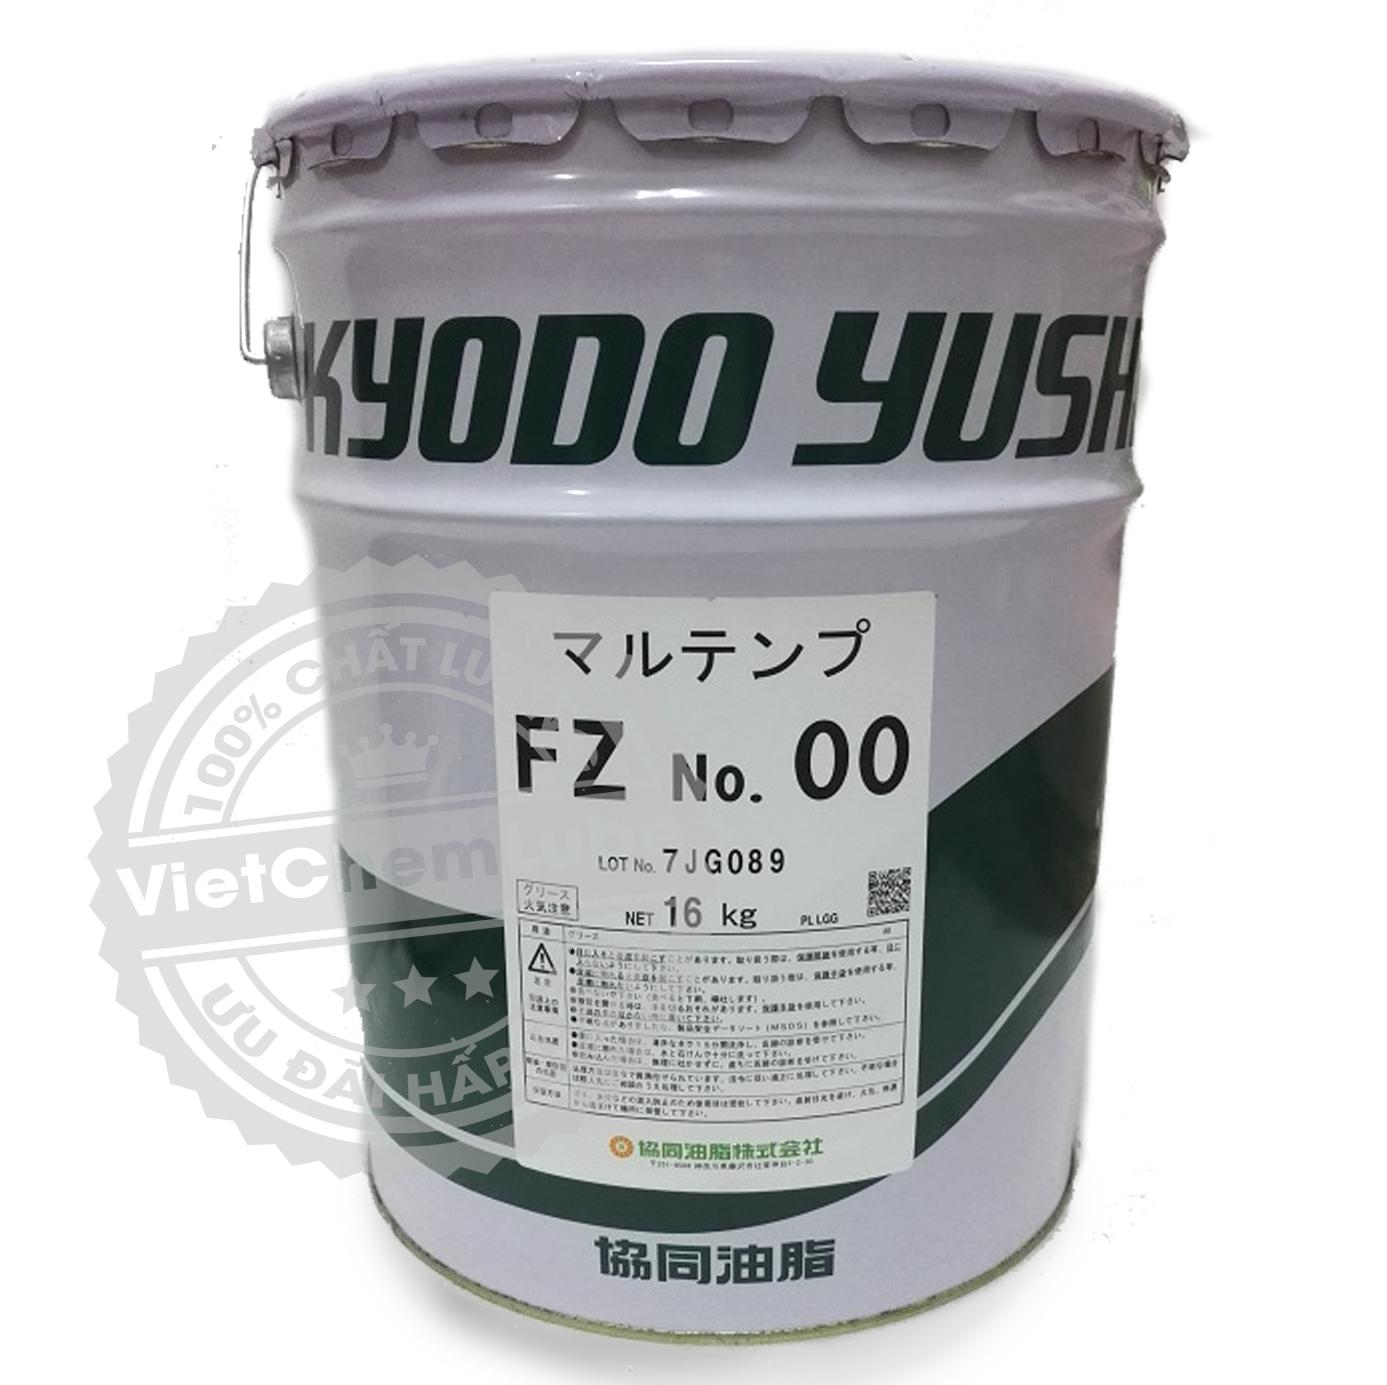 Mỡ Kyodo Yushi  FZ no.00